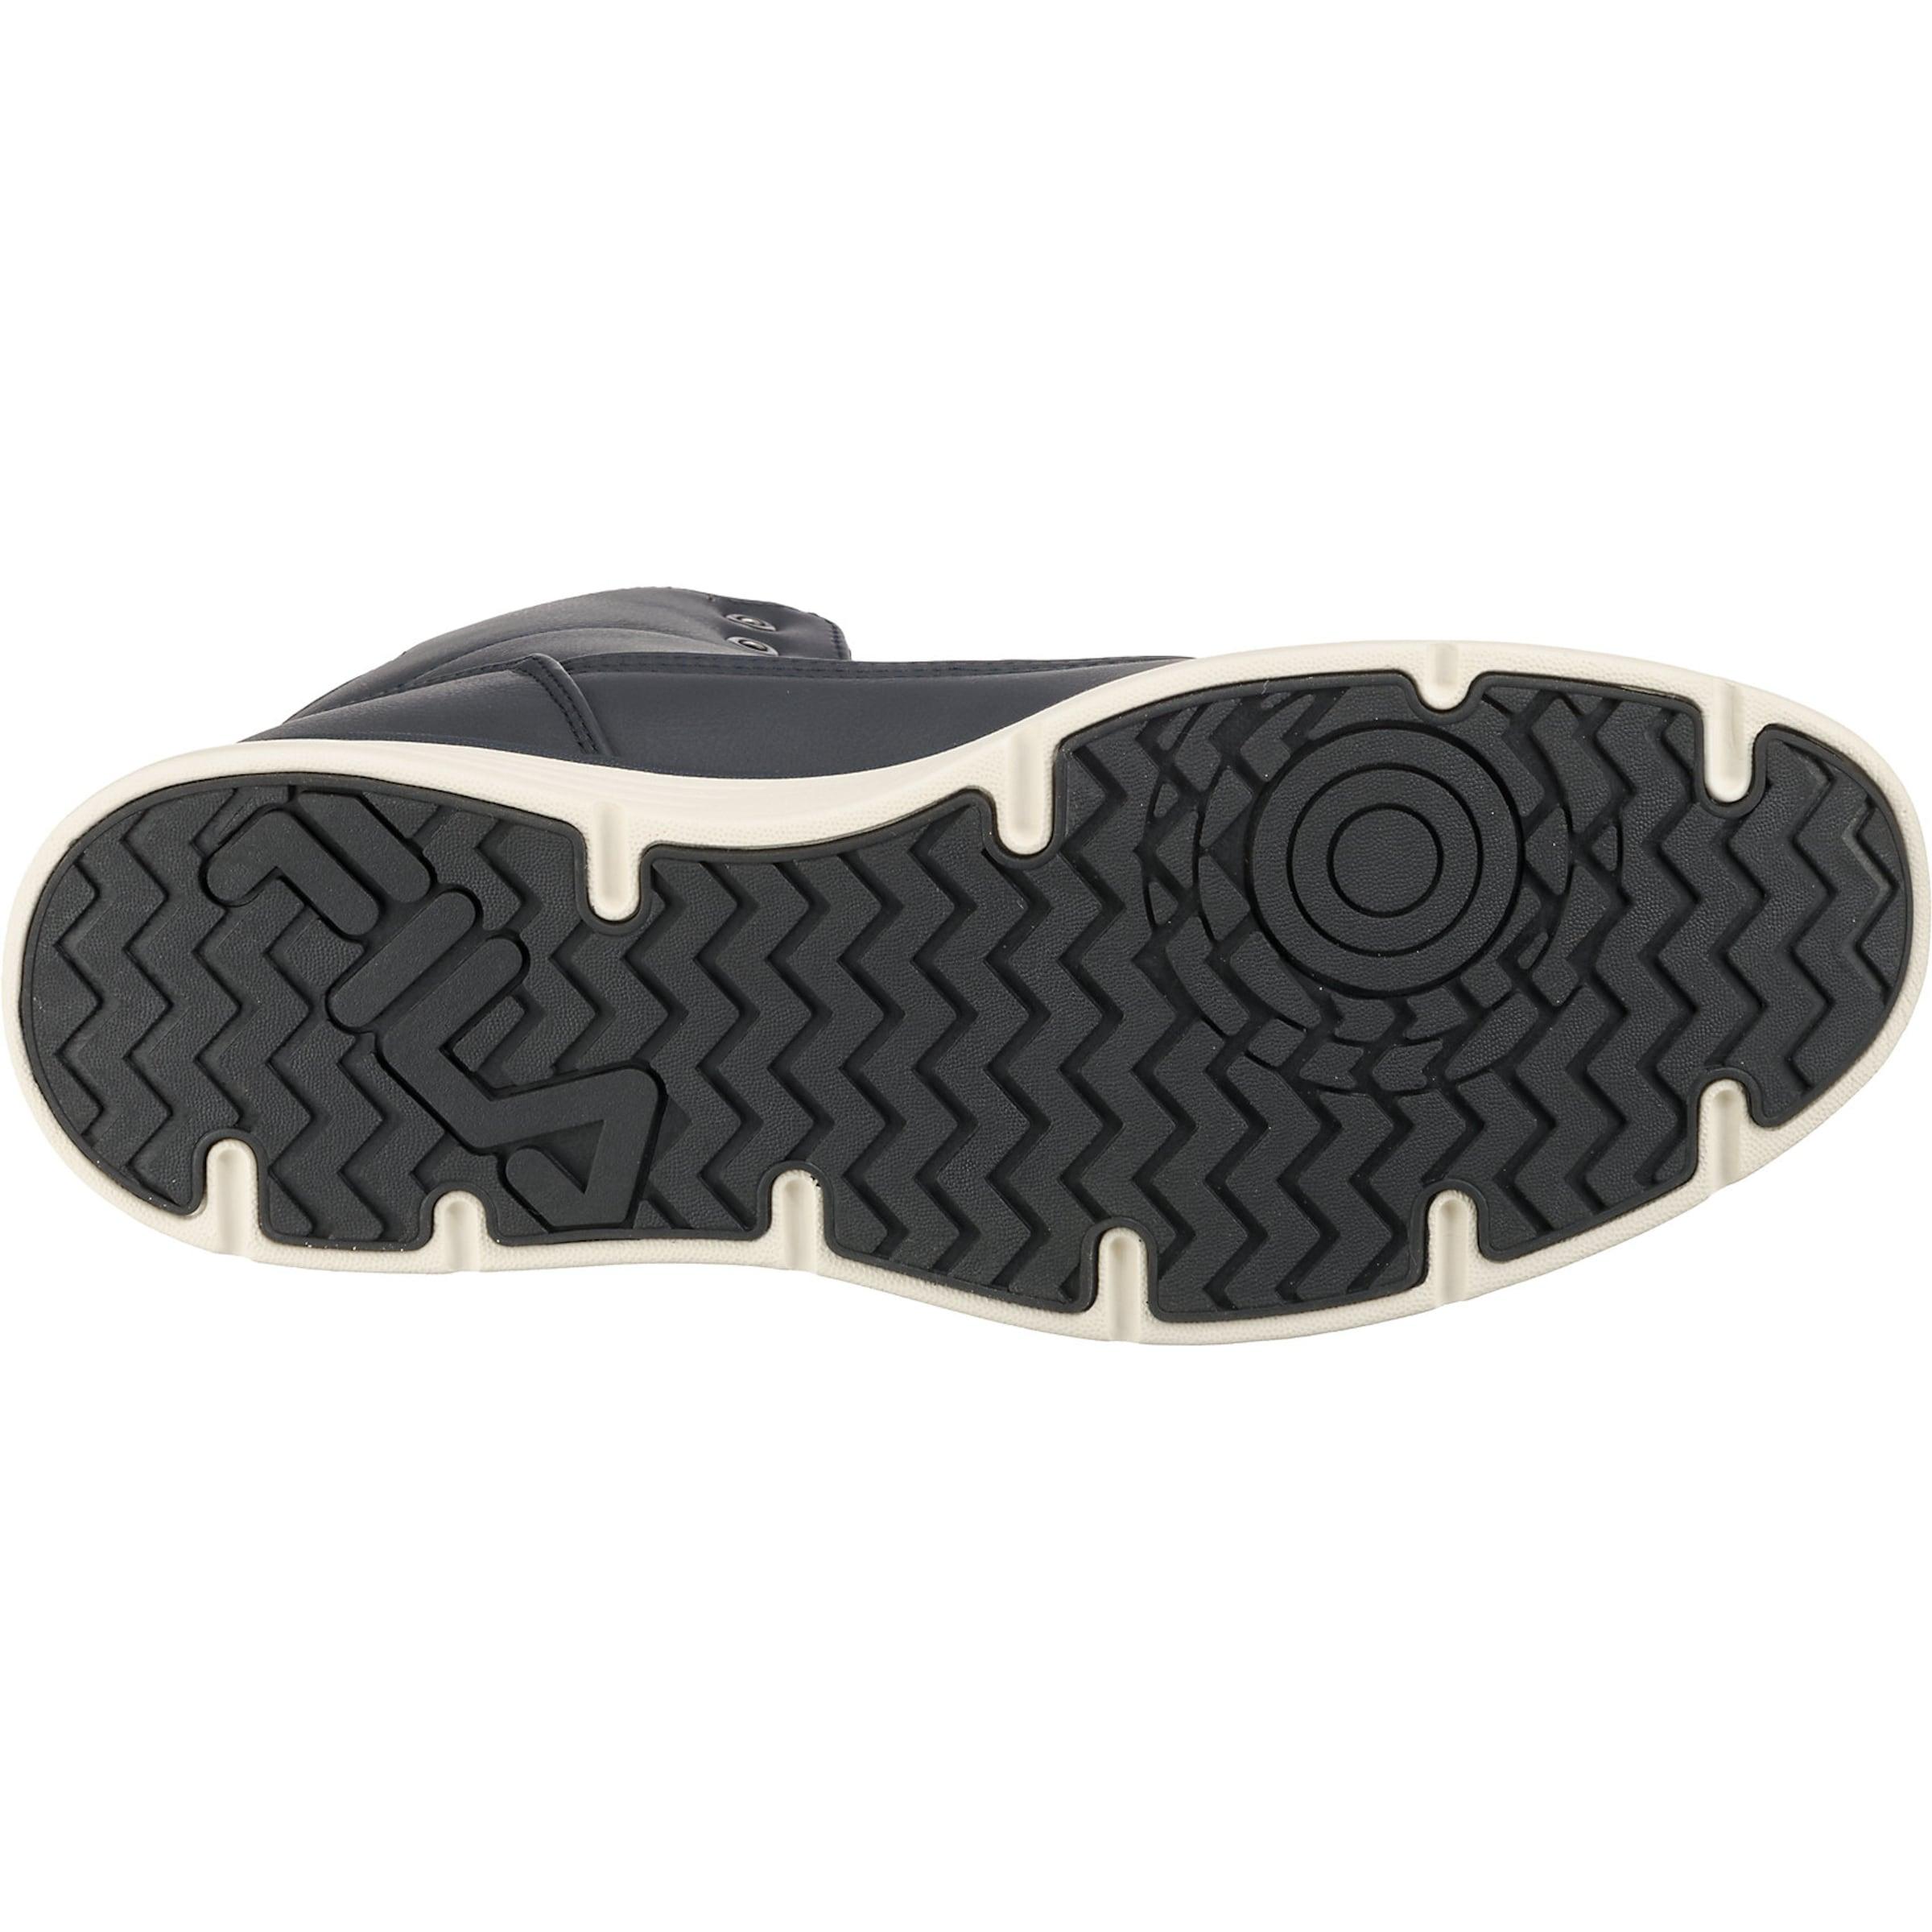 Basaltgrau Sneakers Fila 'lance' In Fila Sneakers mNnvy80wOP